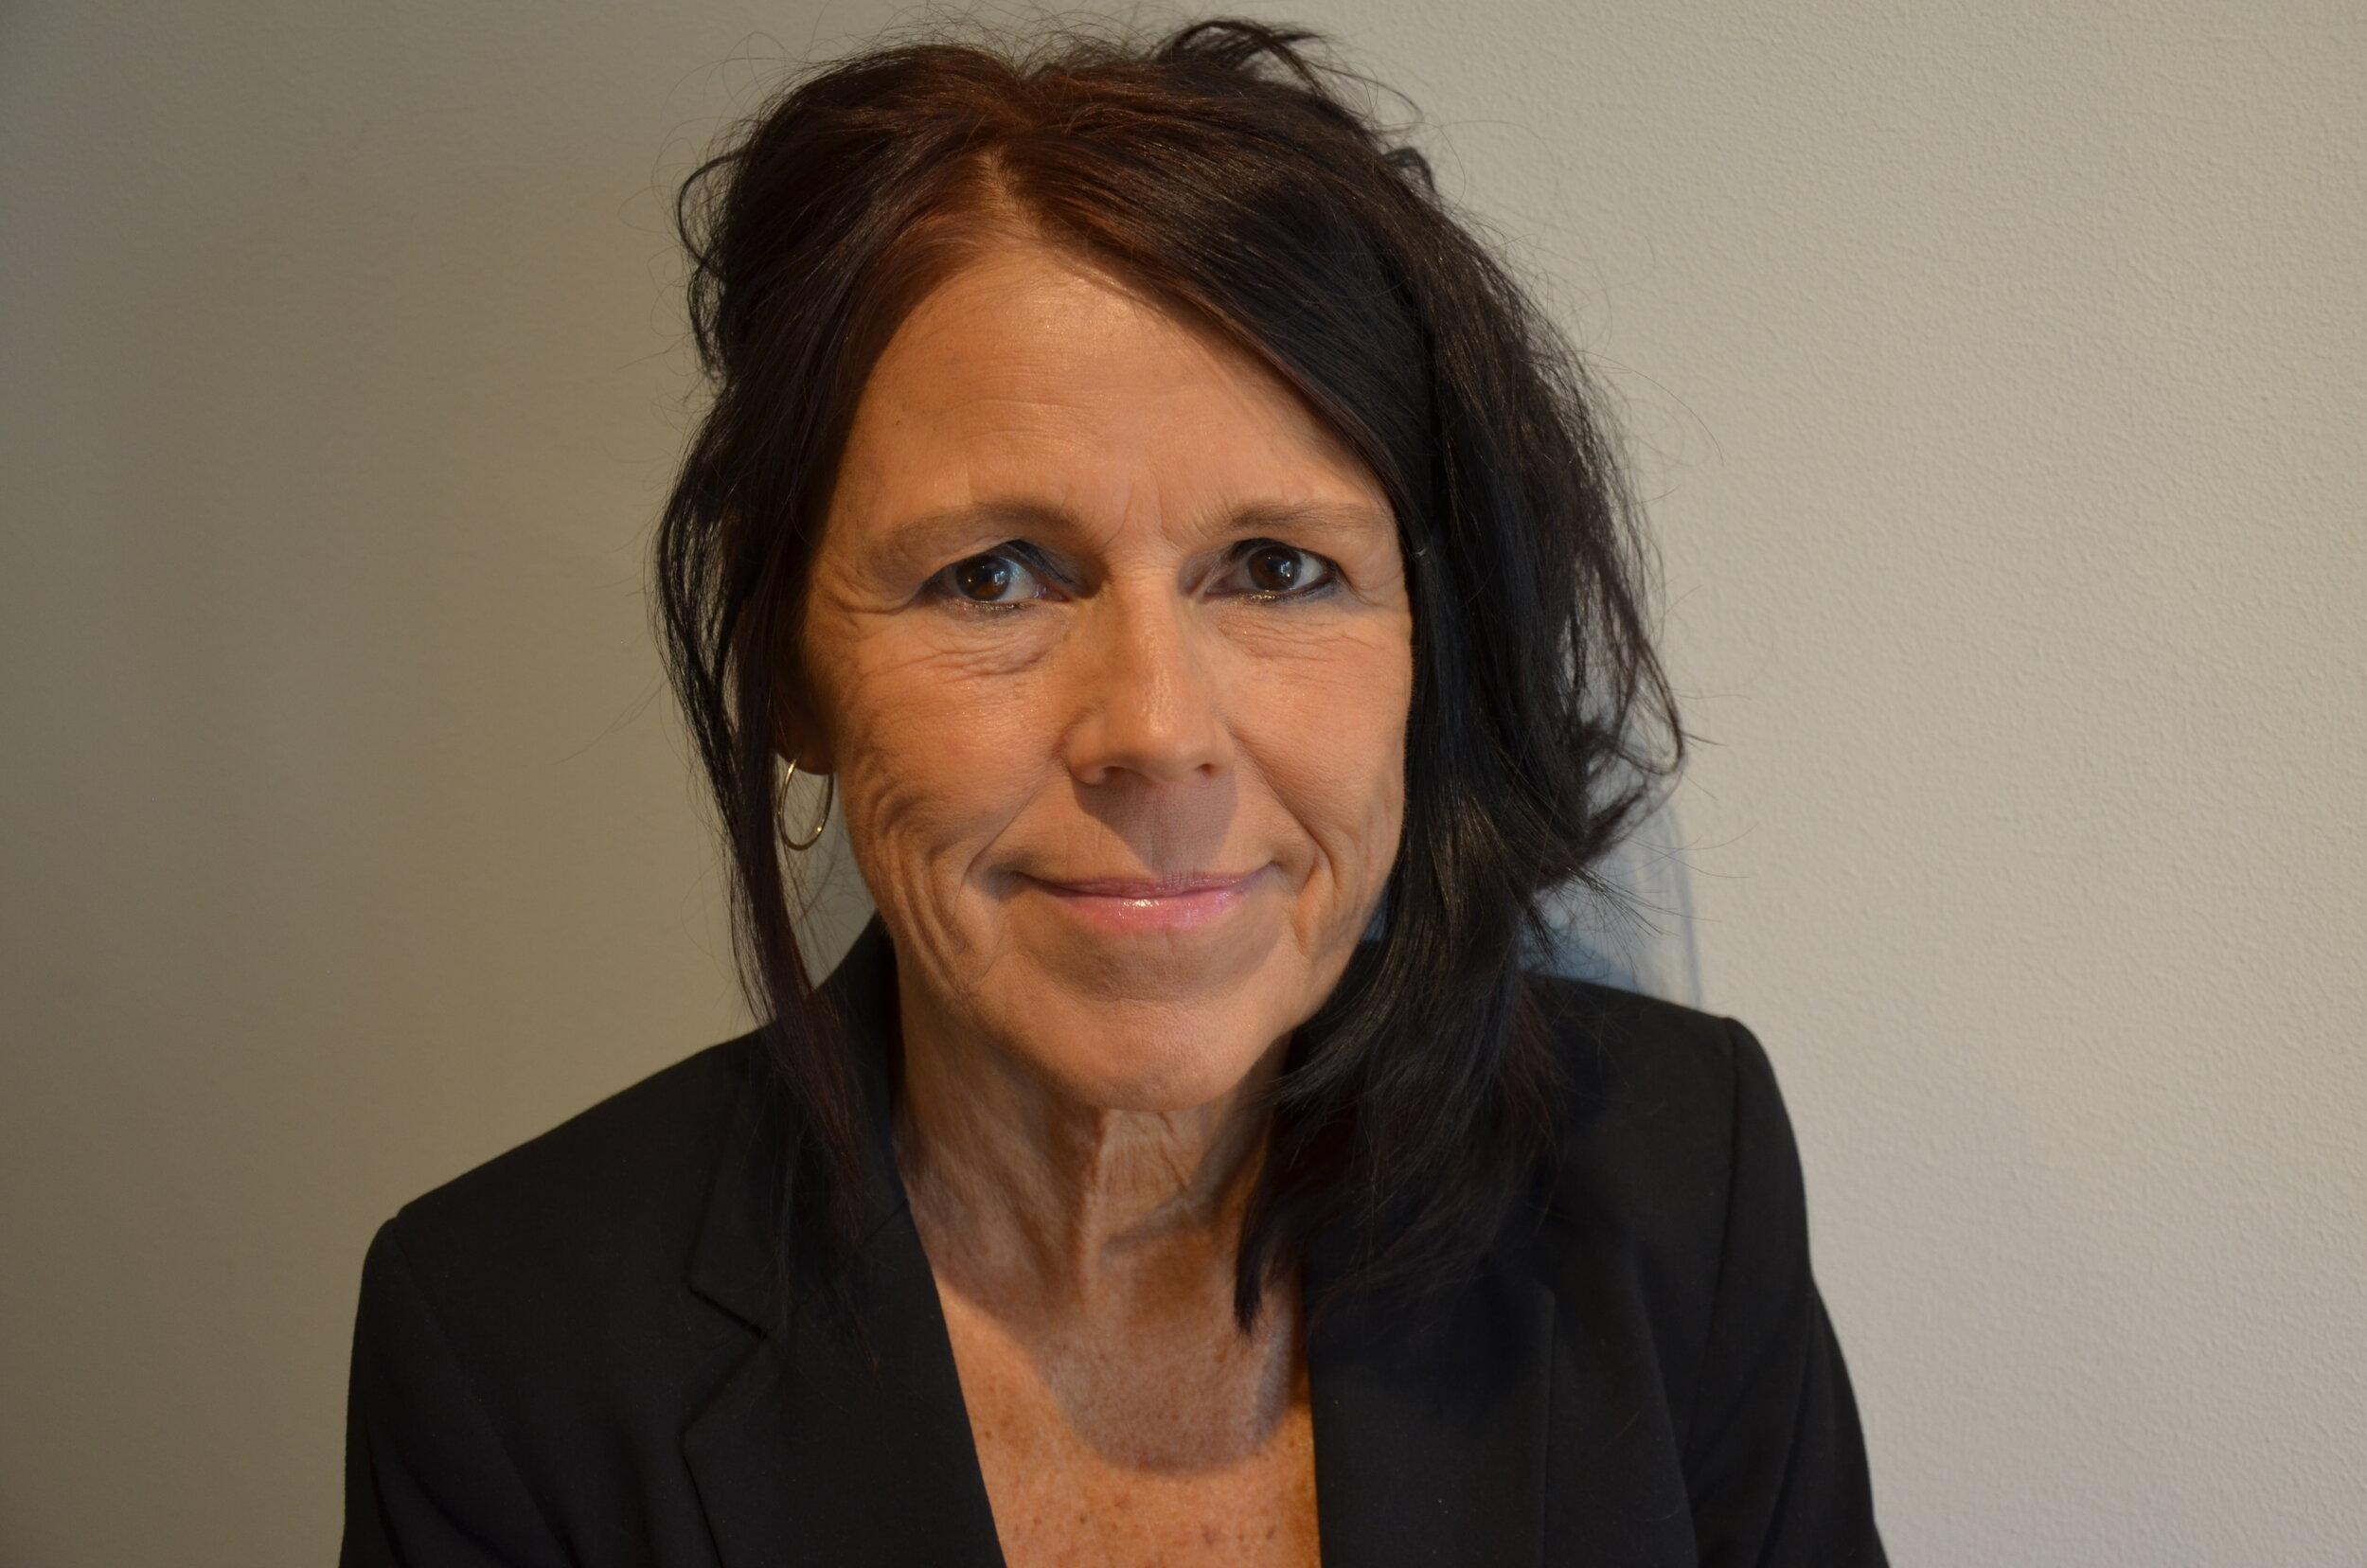 Ann-Charlotte Edlund är legitimerad psykolog, legitimerad psykoterapeut, handledare och lärare i psykoterapi samt föreläsare på SU.